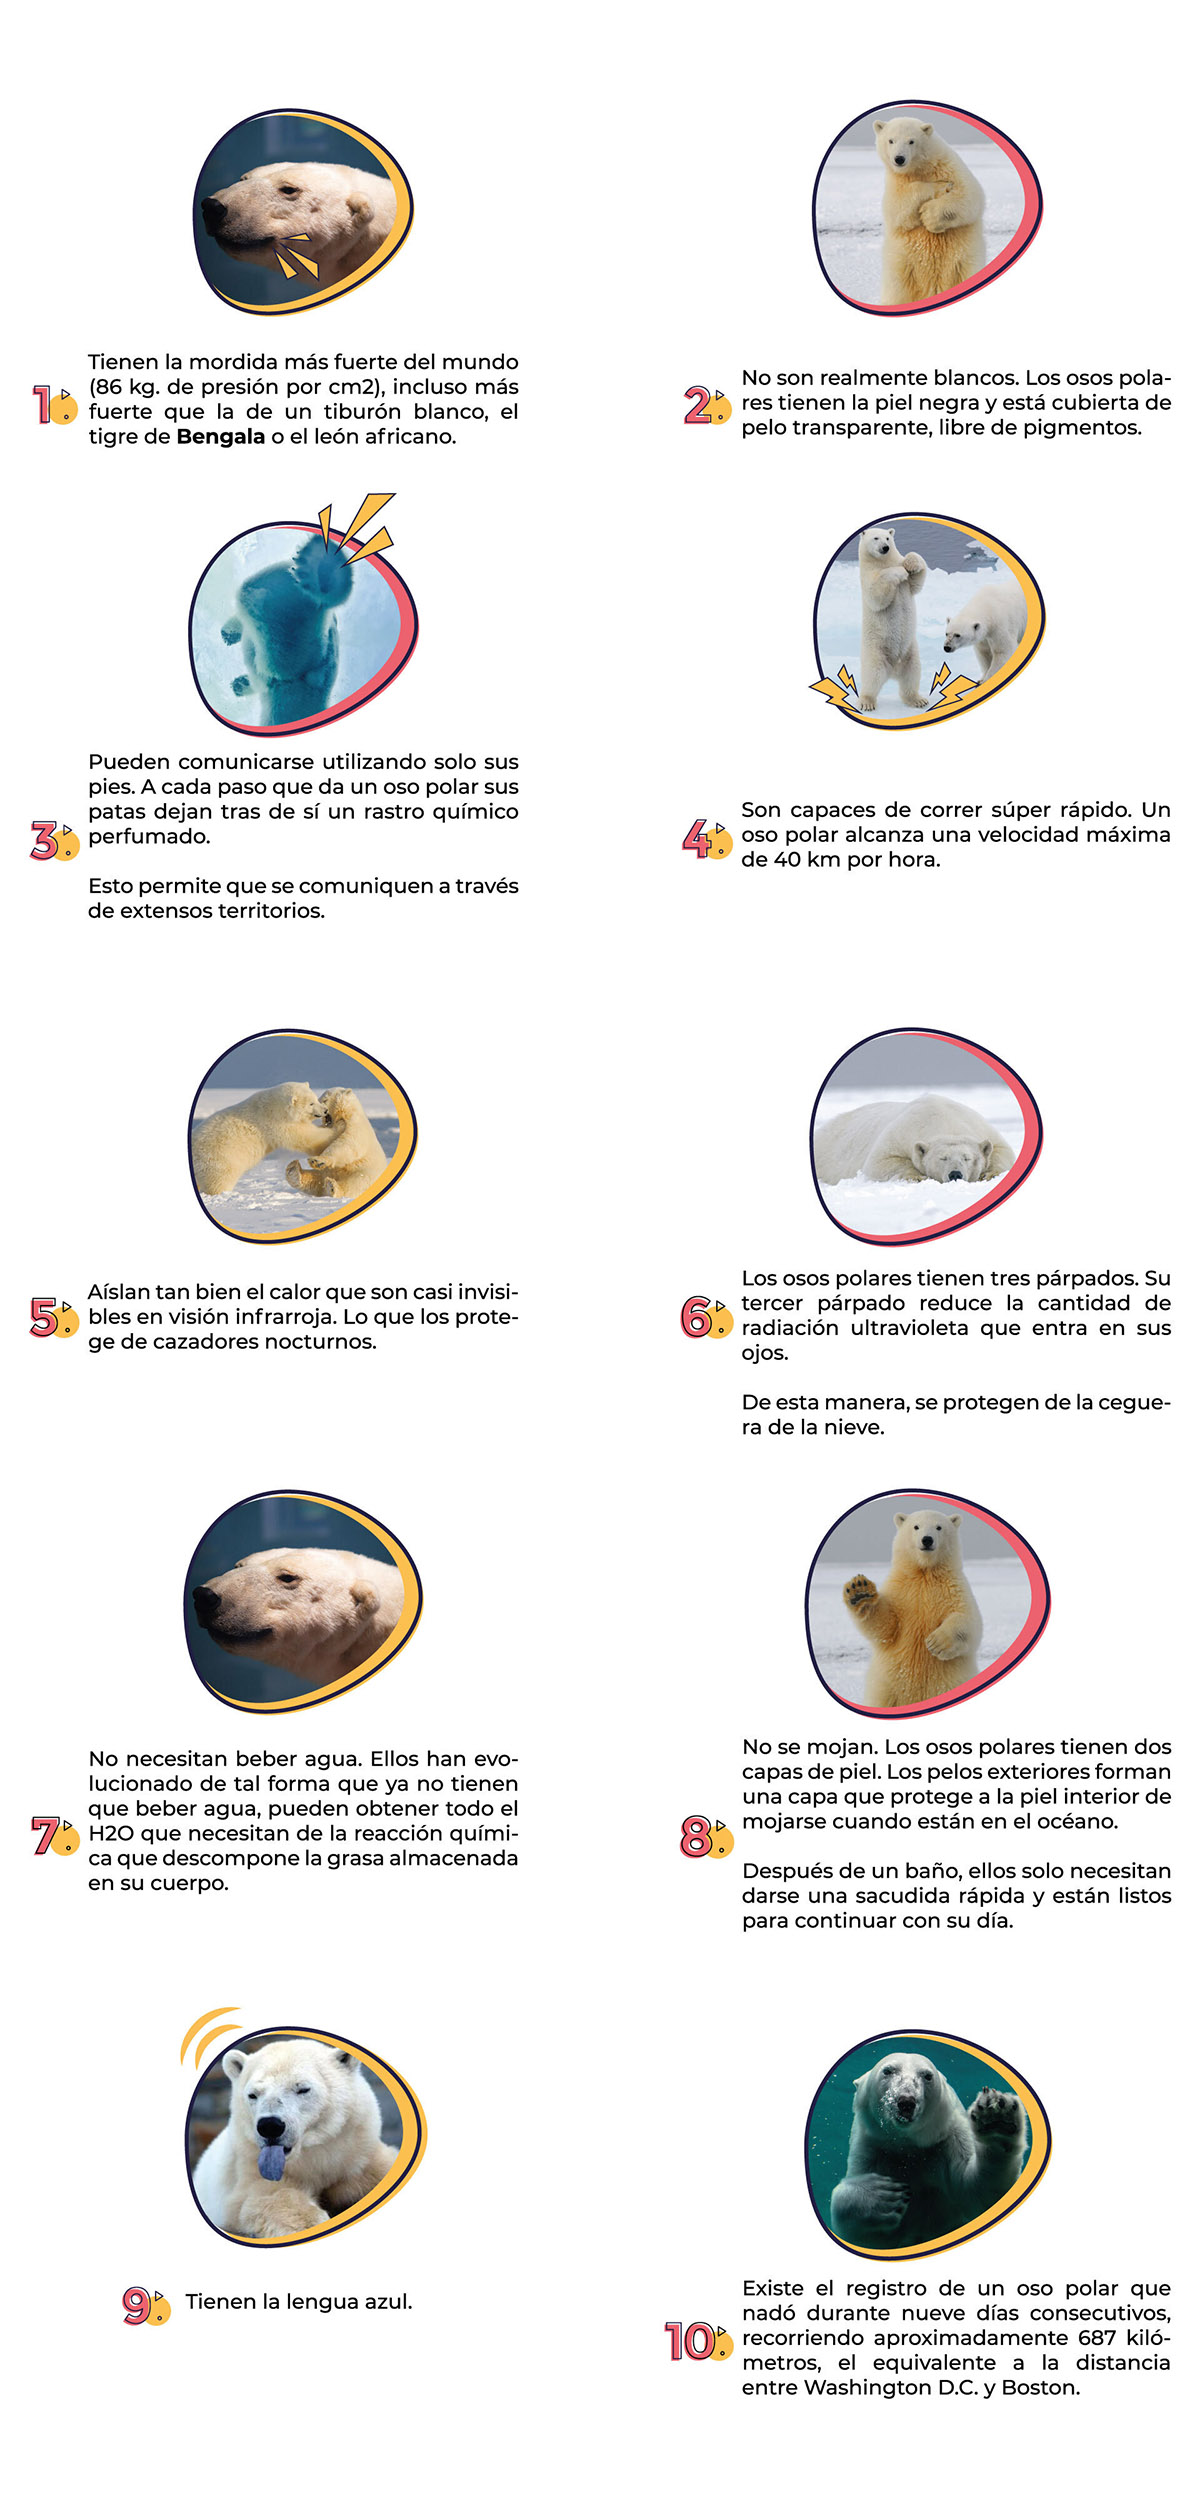 10 datos sorprendentes sobre los osos polares